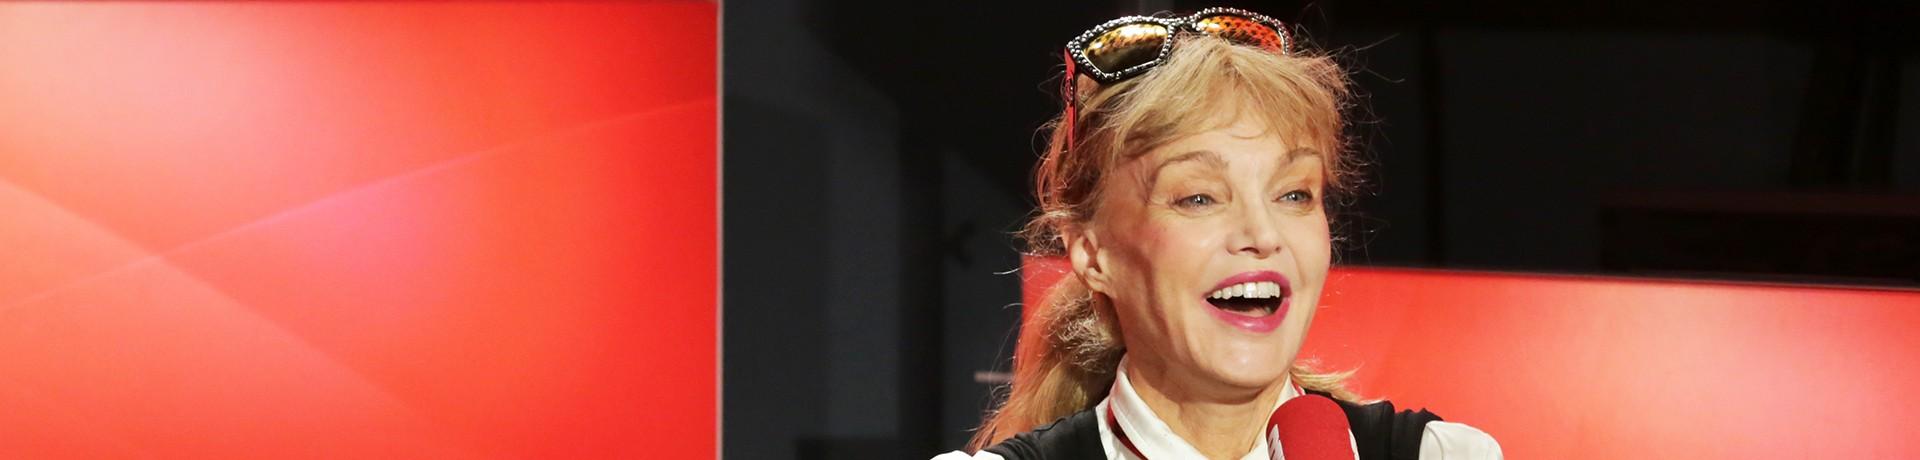 """Arielle Dombasle dans """"Les Grosses Têtes"""""""